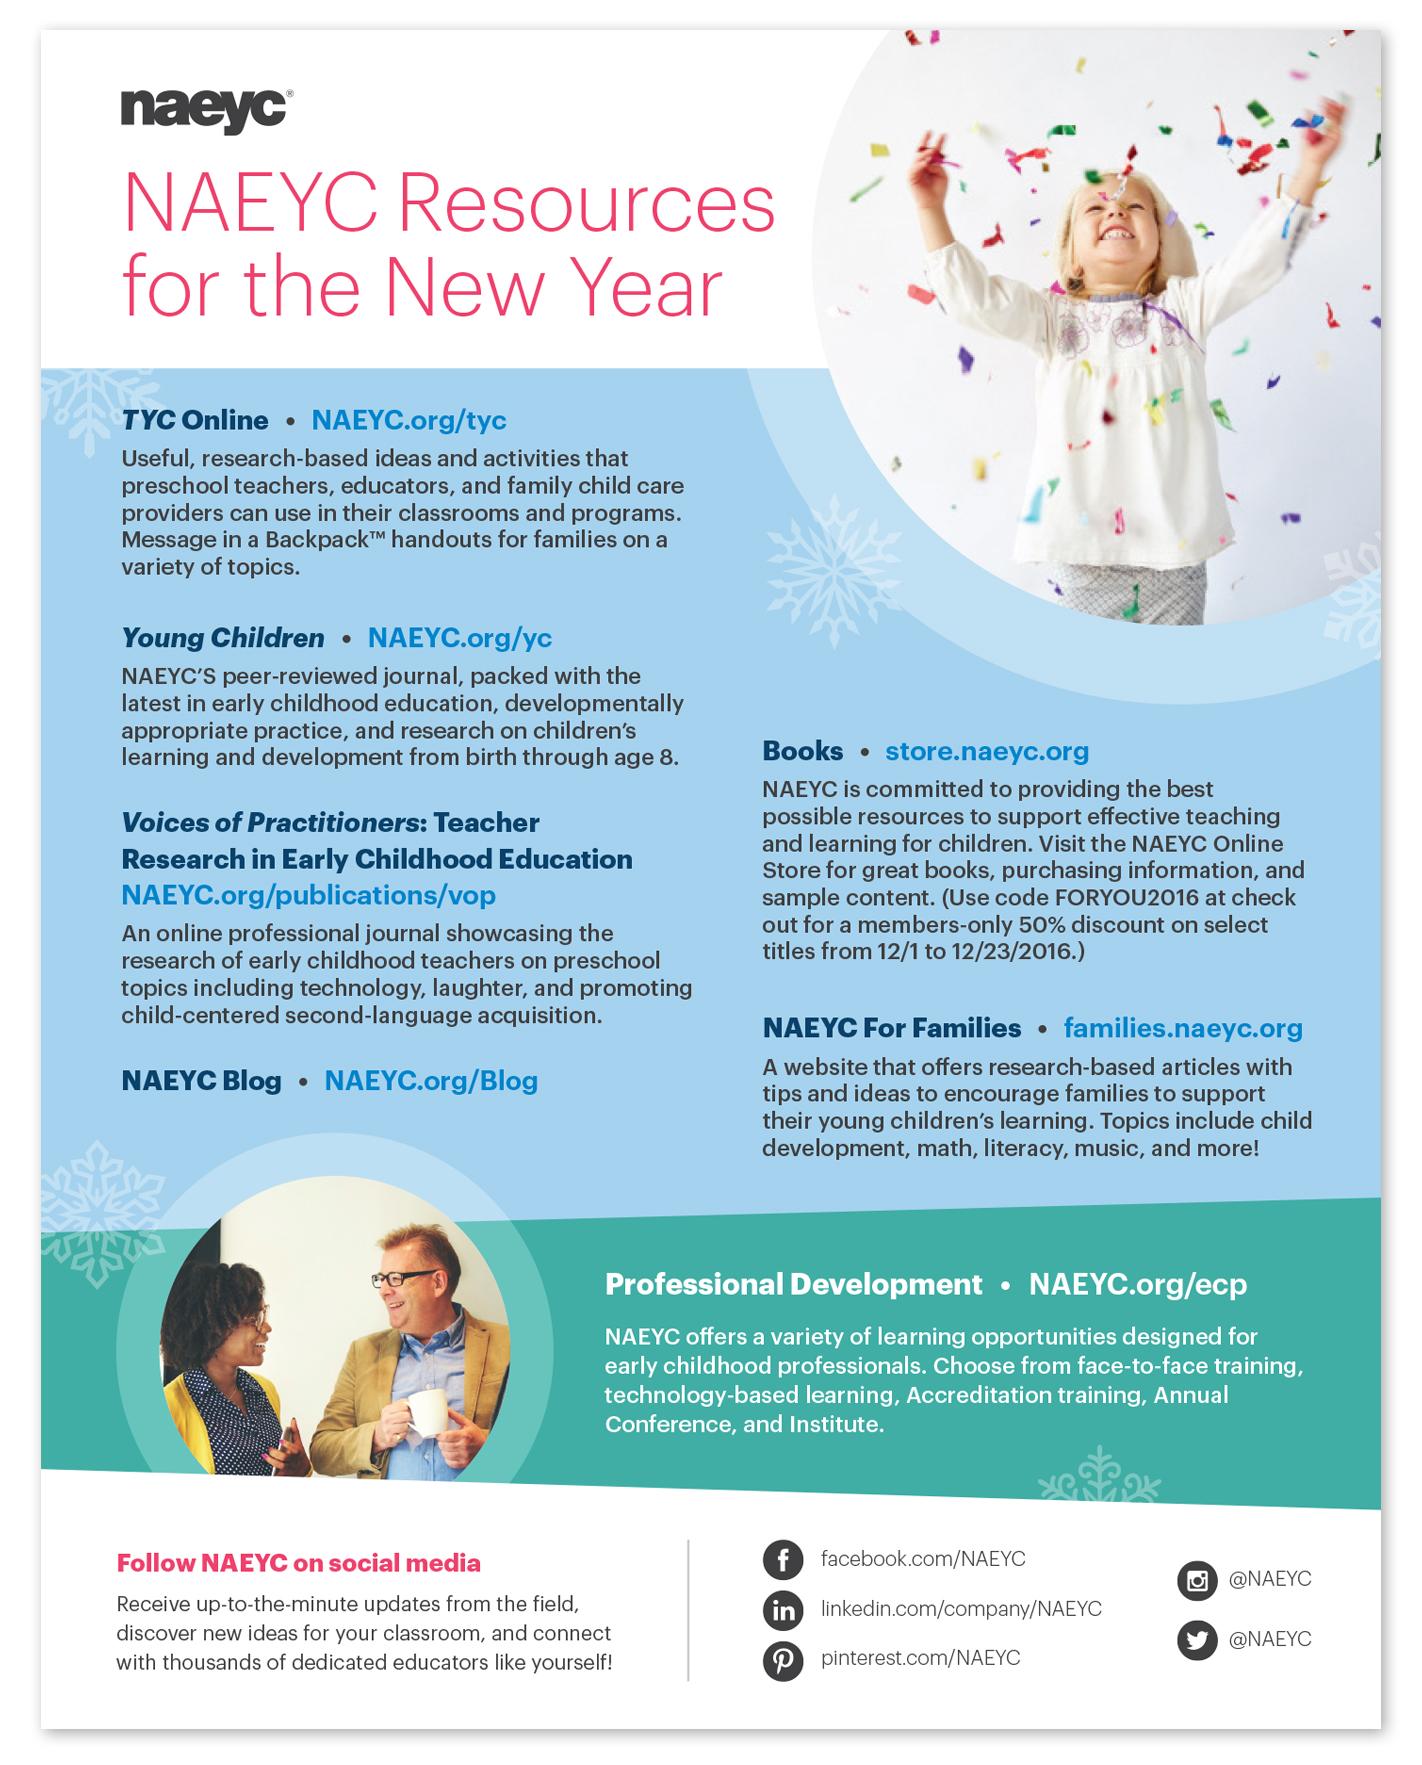 FullPgAd_NewYear_Resources (TYC).jpg